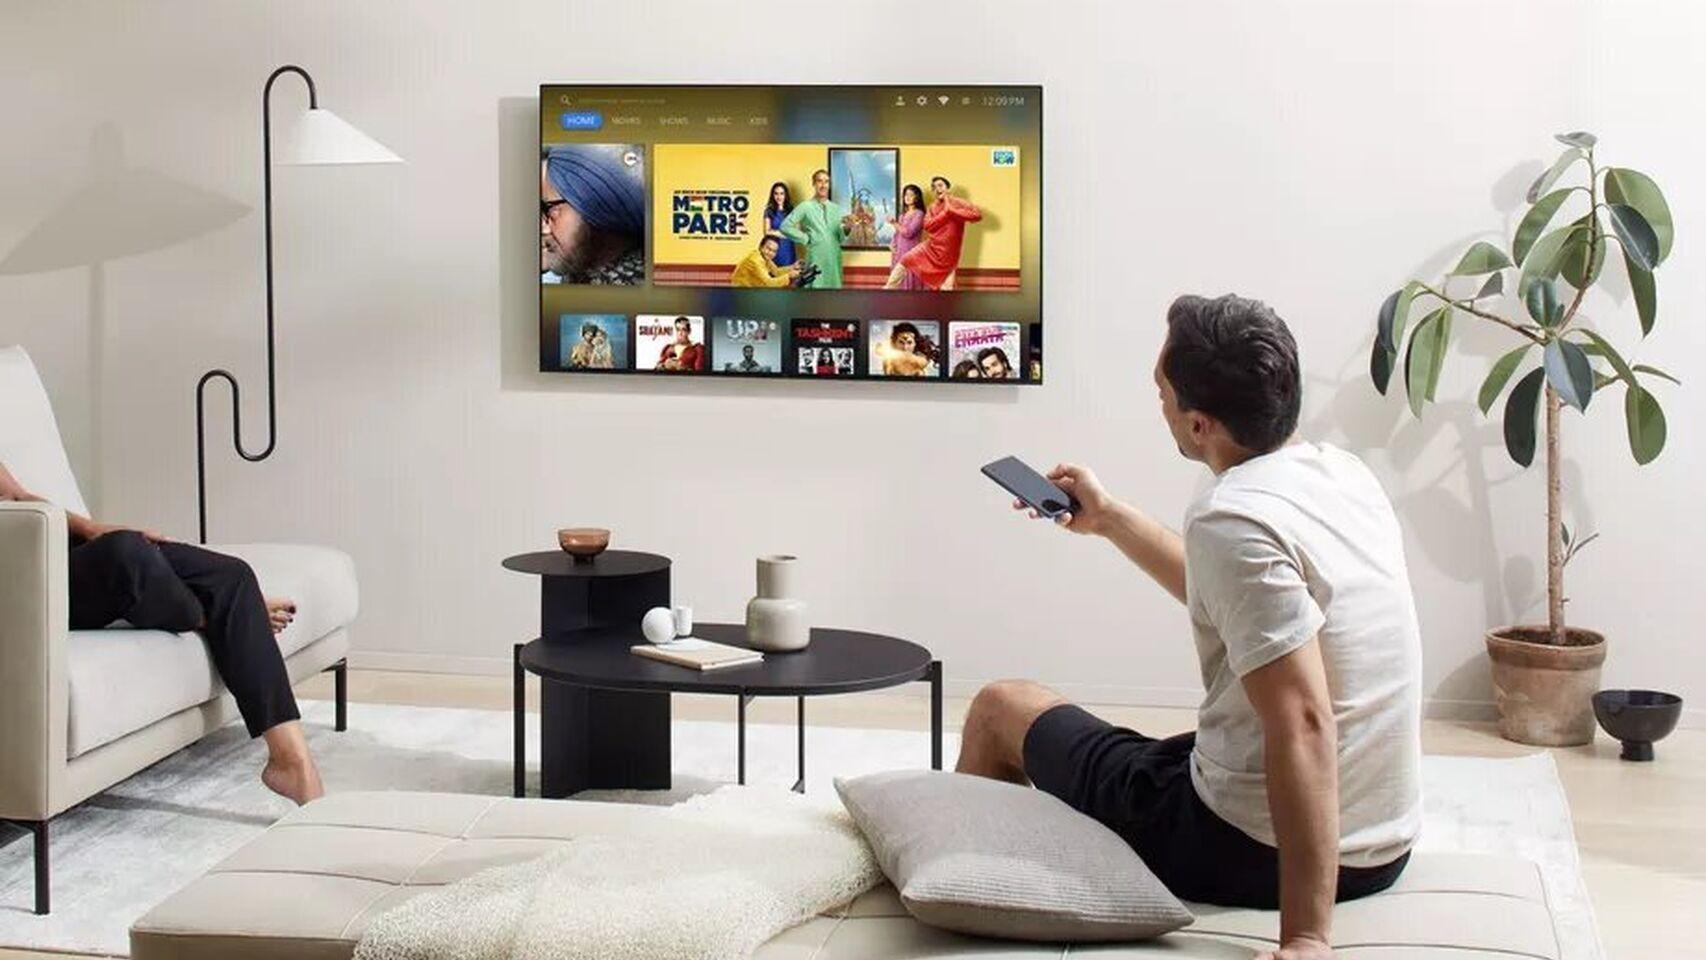 Televisores OnePlus TV Q1 vs One Plus TV Q1 Pro